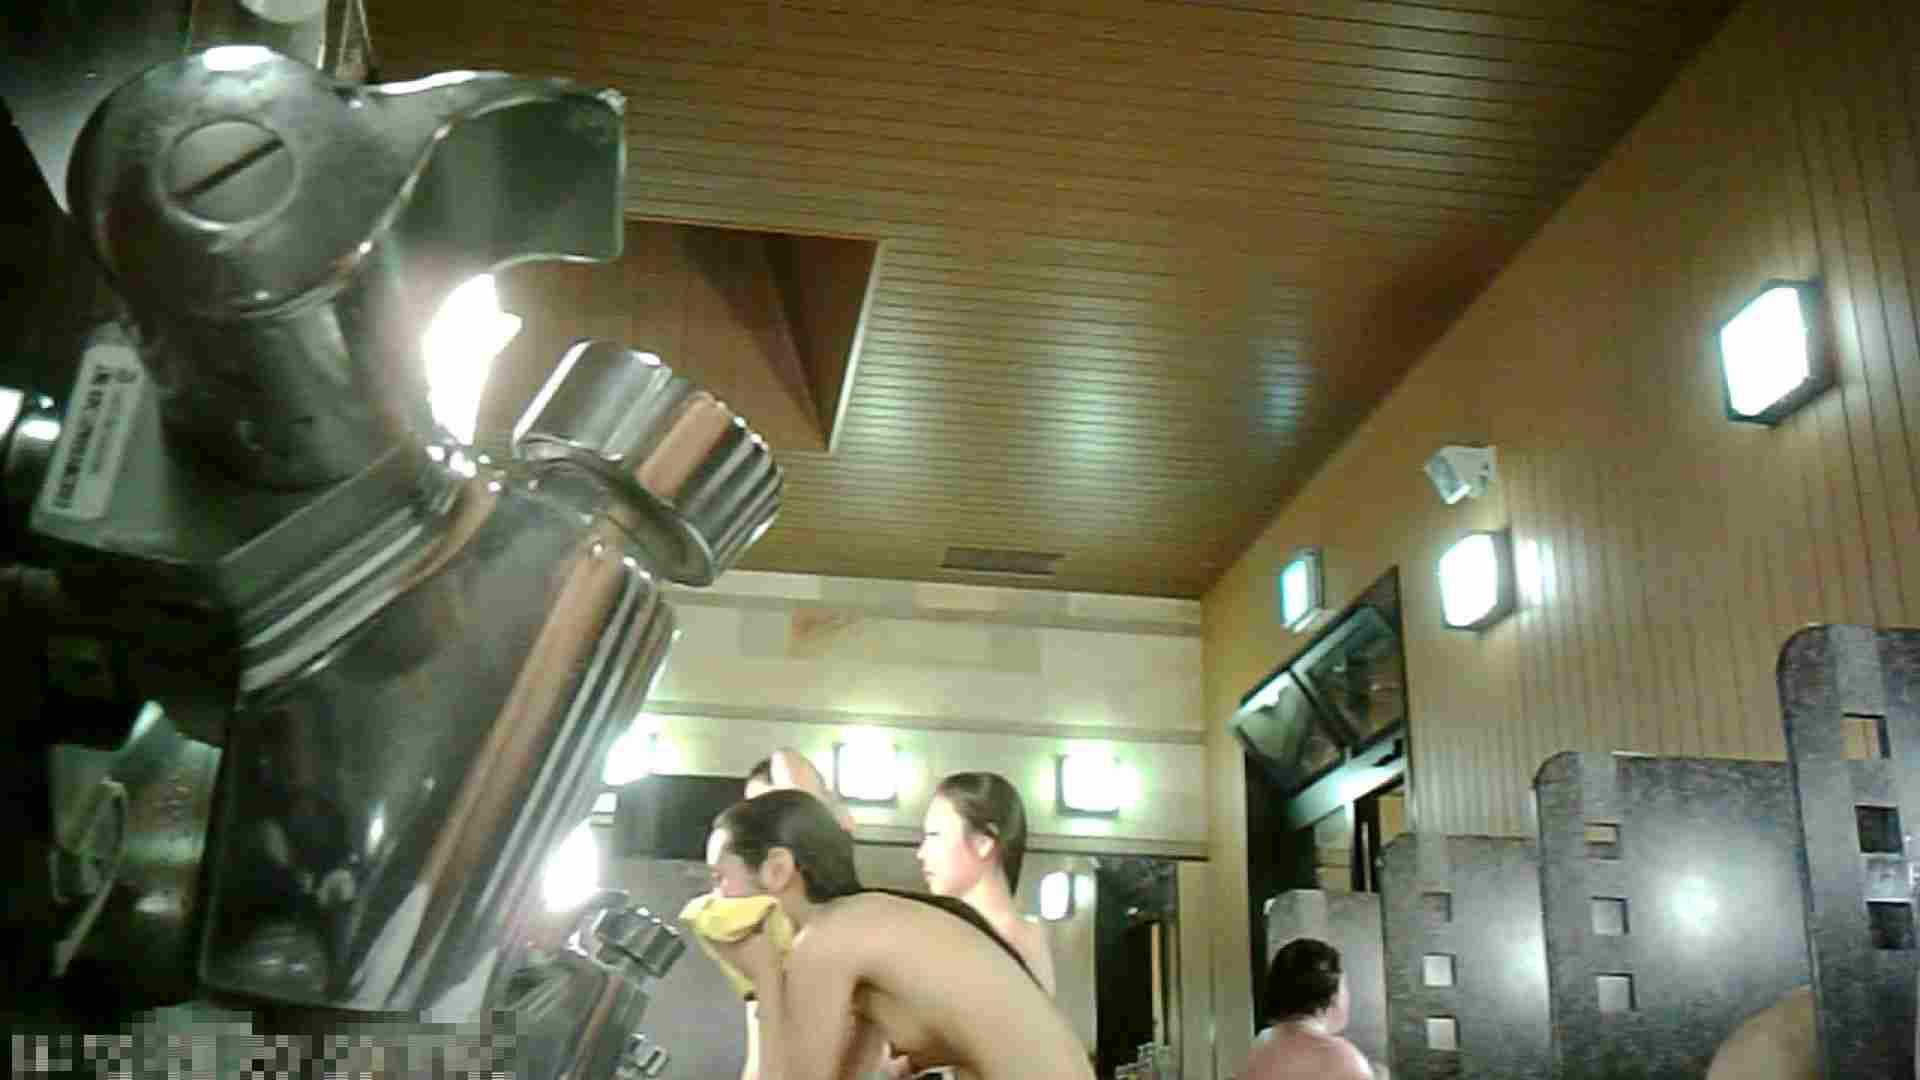 女撮師スーパー銭湯 オムニバスVol.7 潜入 | OLの実態  96pic 69